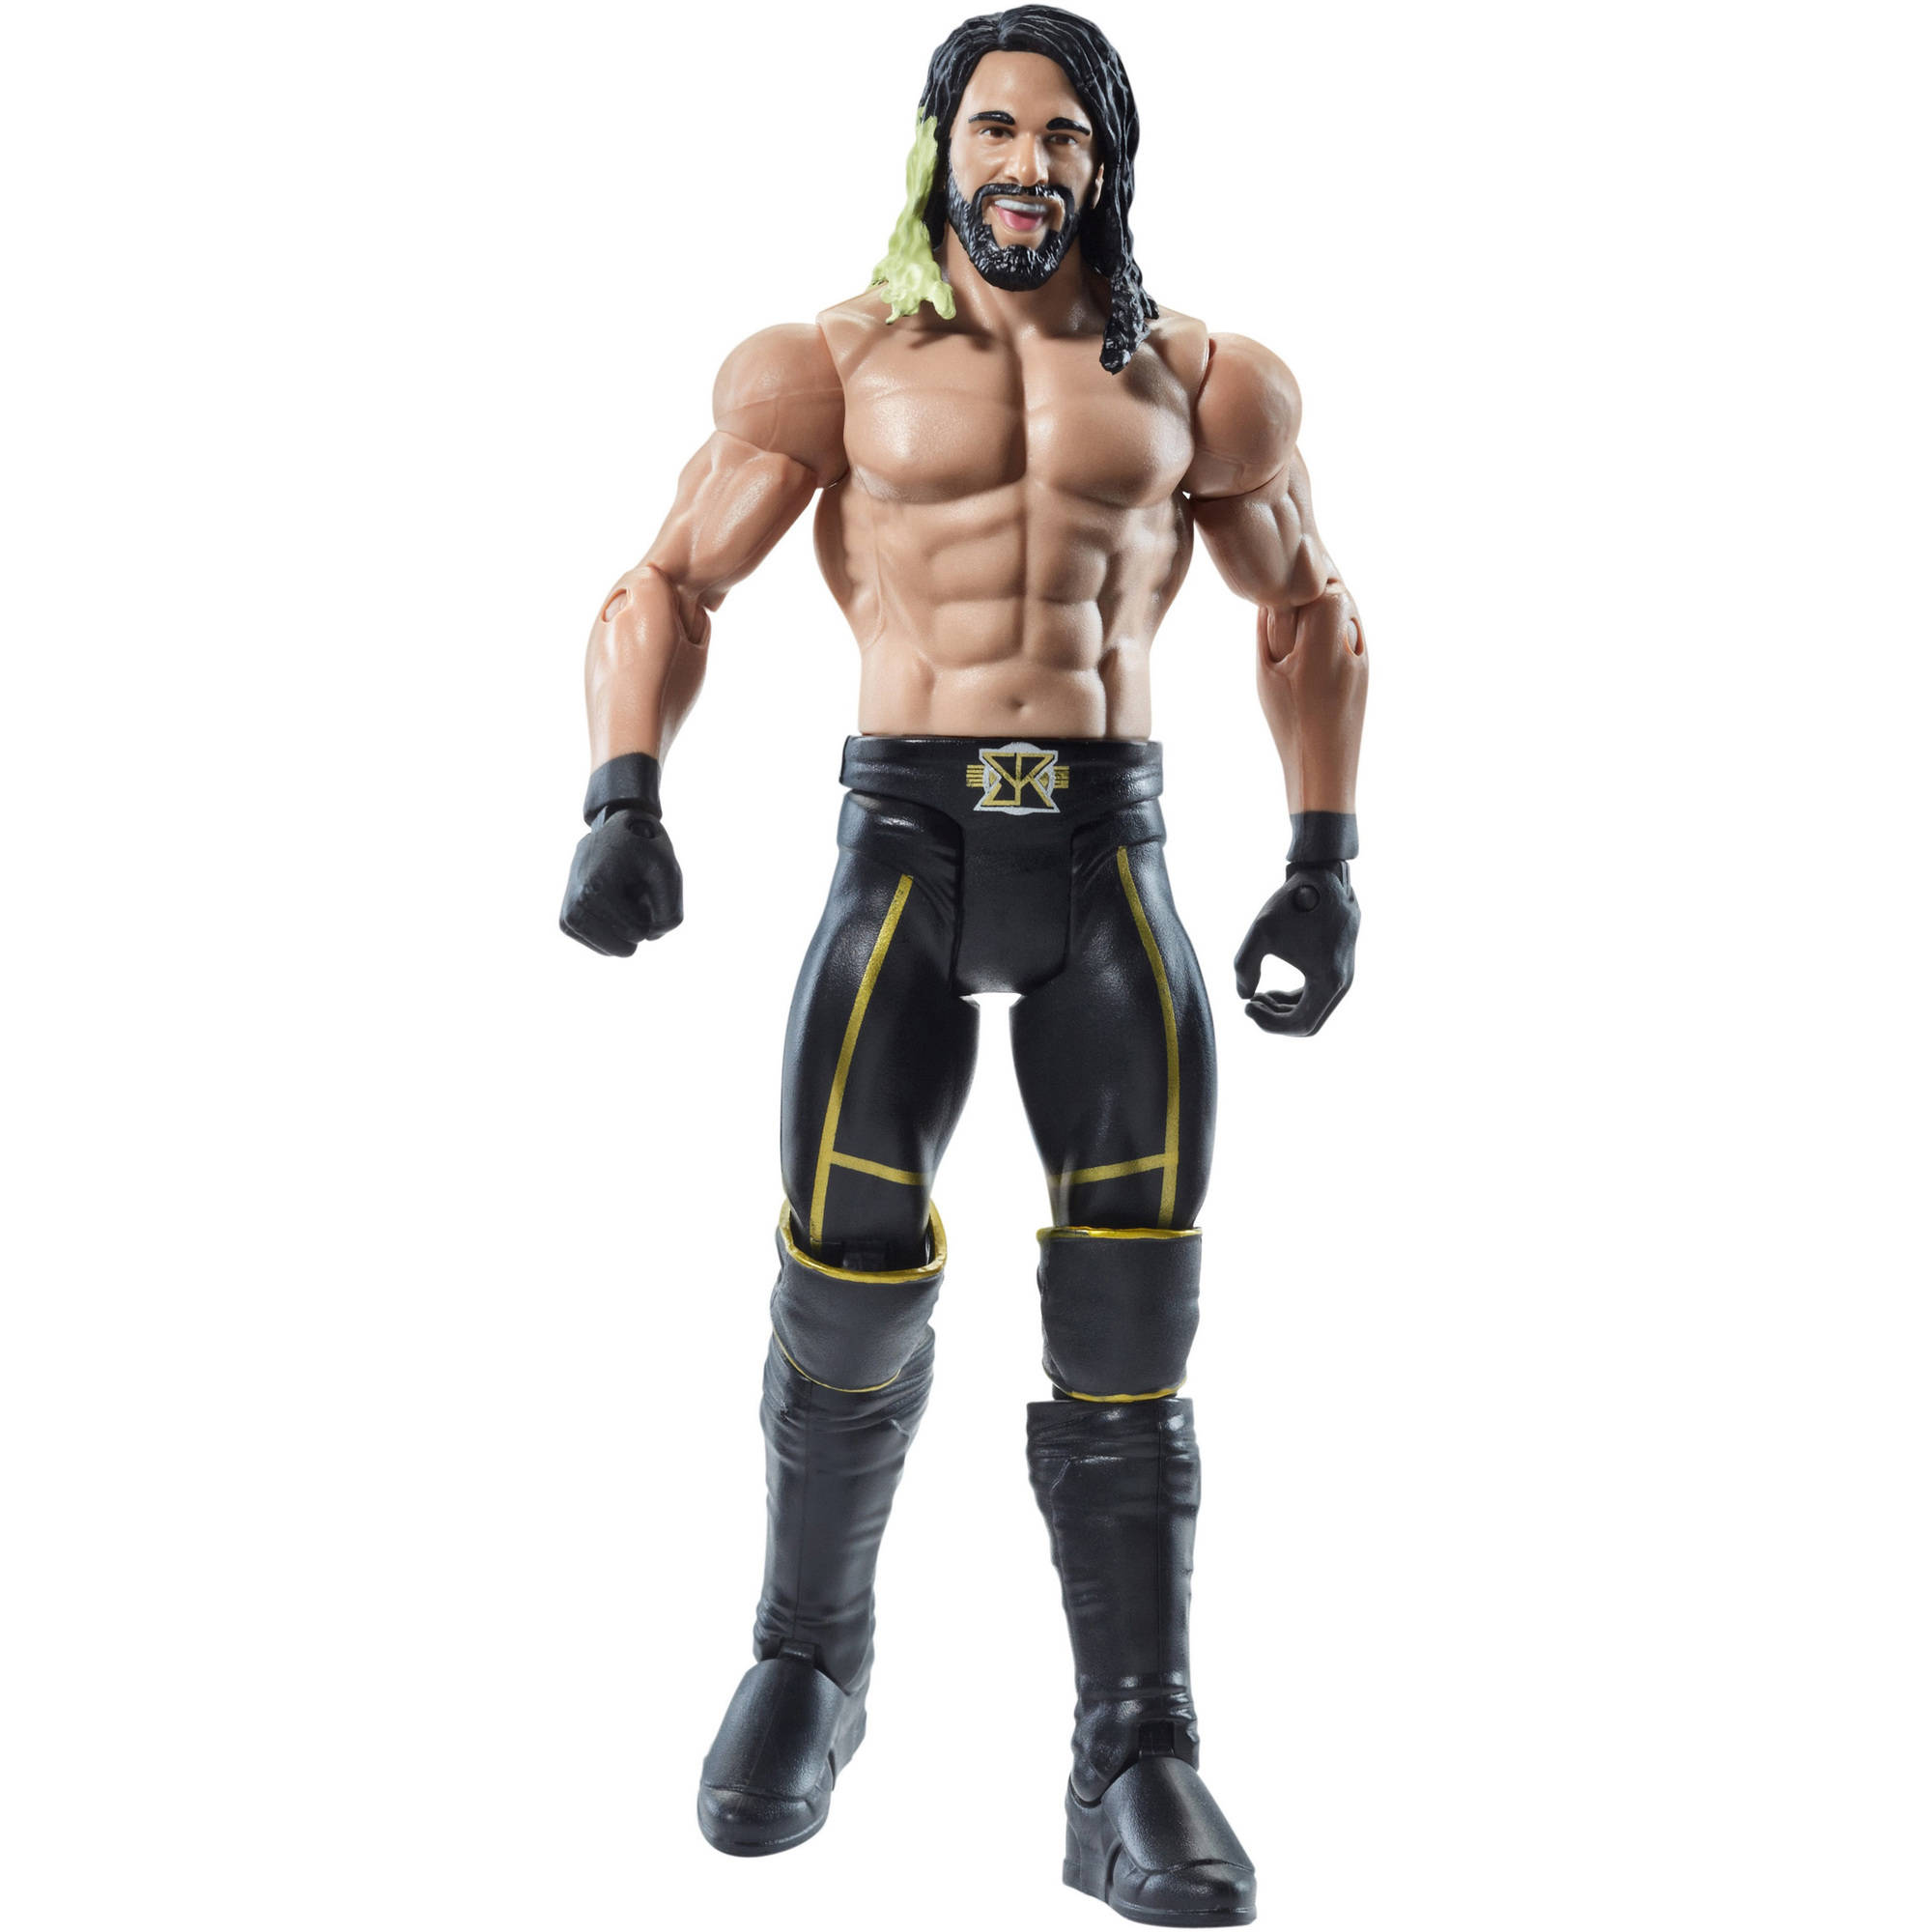 WWE Basic Seth Rollins Figure